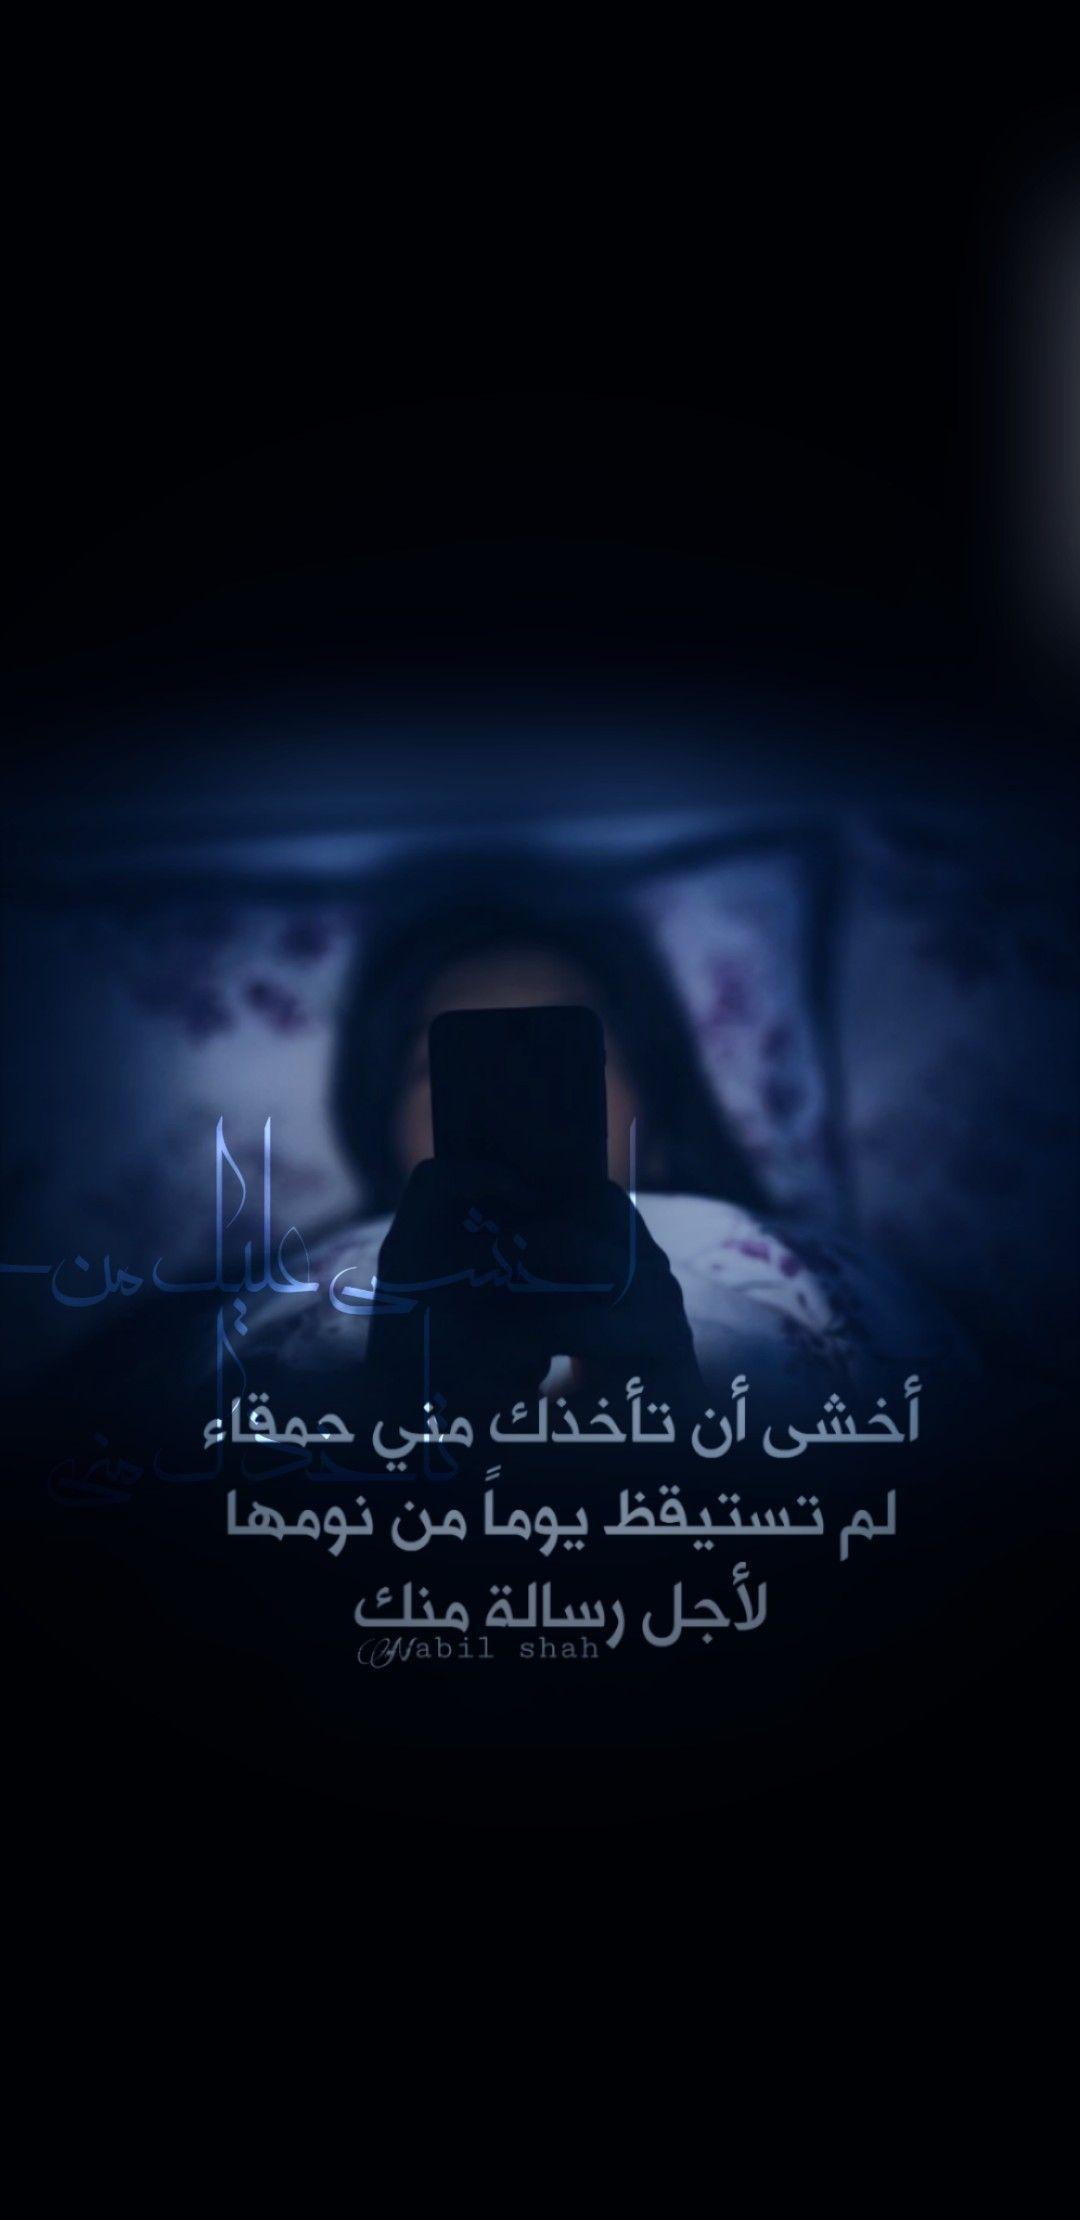 أخشى أن تأخذك مني حمقاء لم تستيقظ يوما من نومها لأجل رسالة منك خشية حماقة استيقاظ نوم موبايل نبيل شاه Nabil Shah شعر اد Movie Posters Movies Love